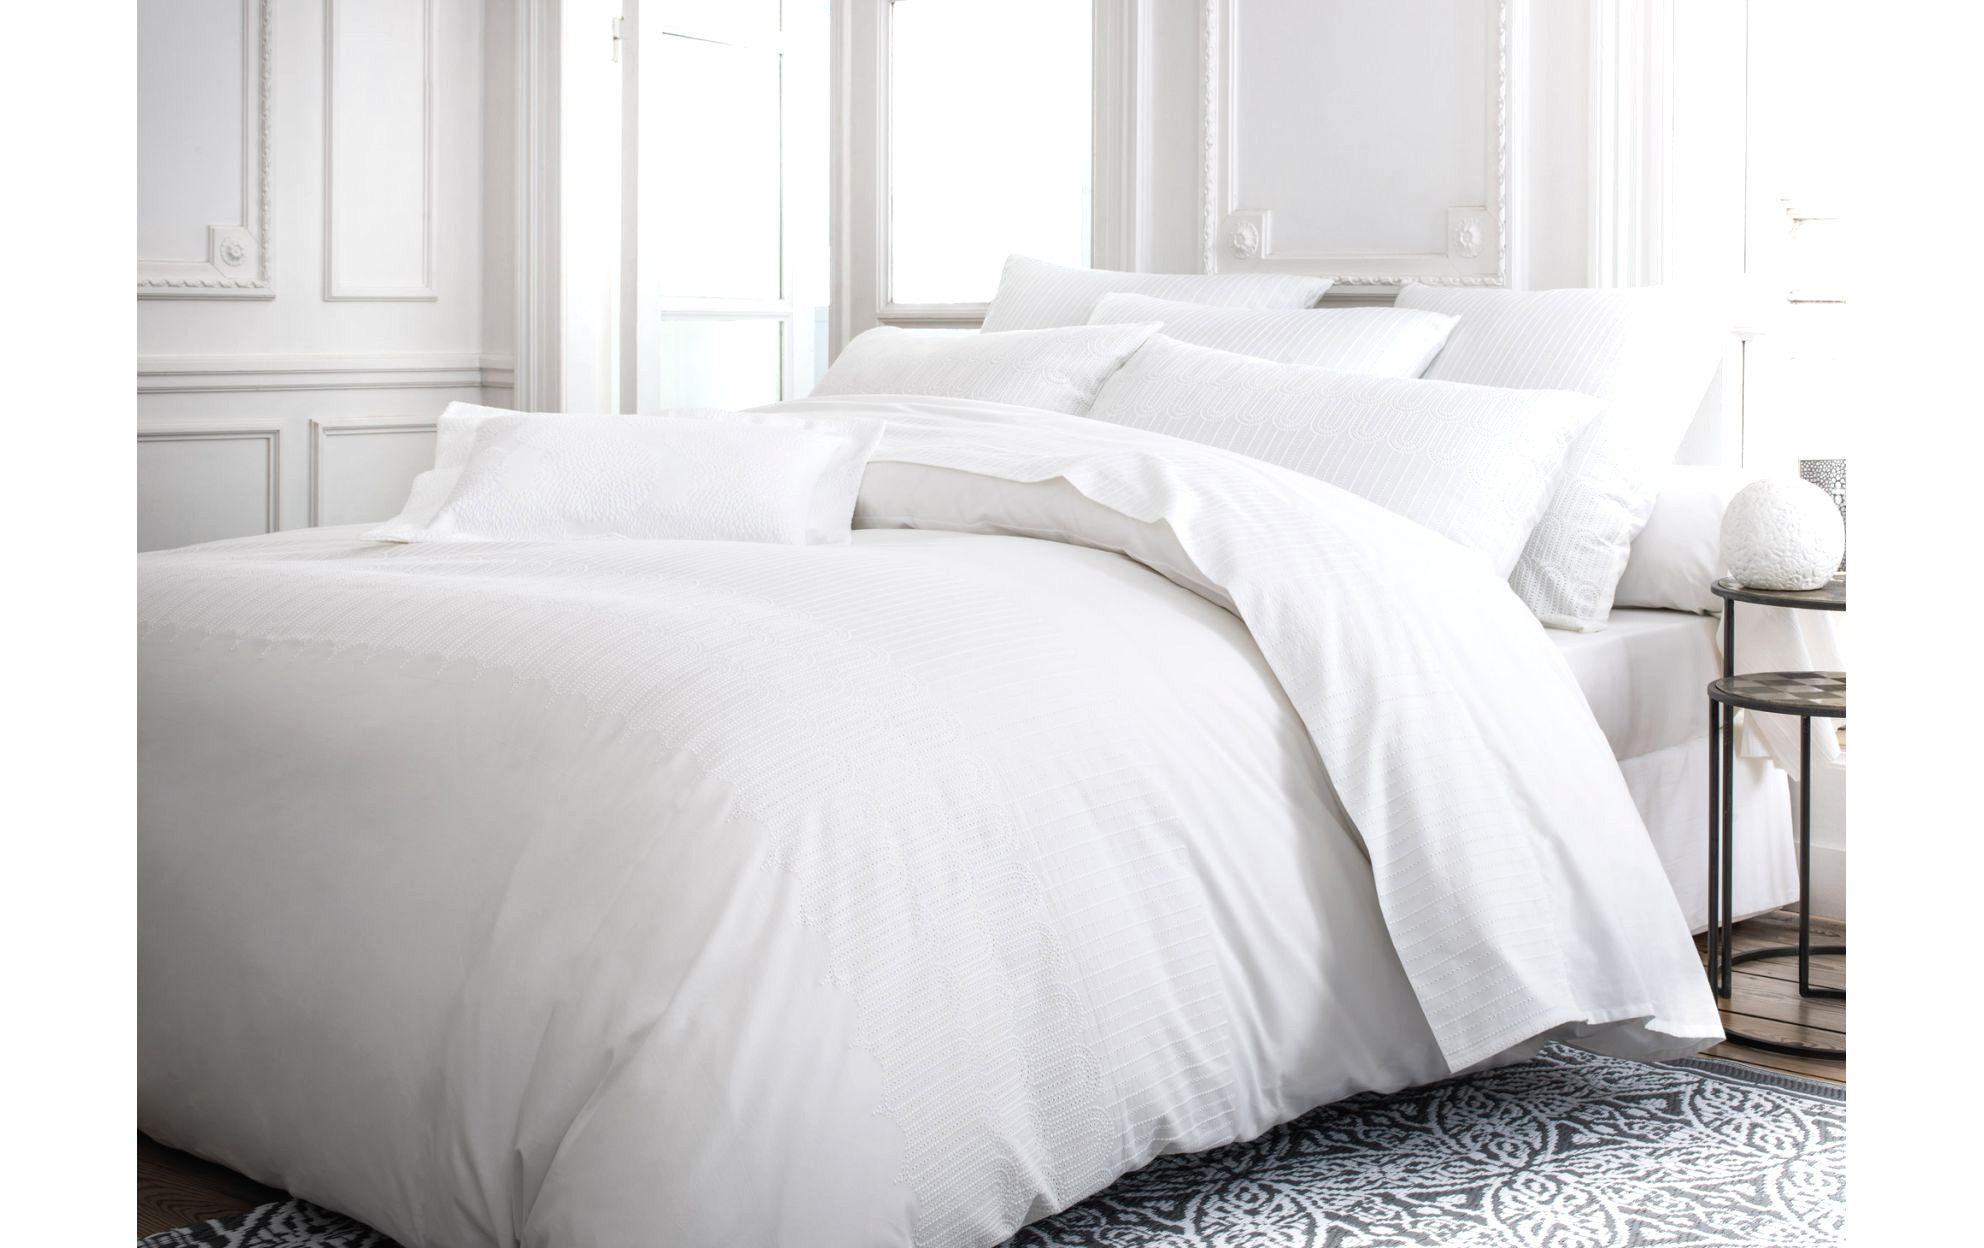 Linge De Lit Lin Lavé Génial Ingenious Inspiration Carre Blanc Linge De Maison 44 Avec Valuable